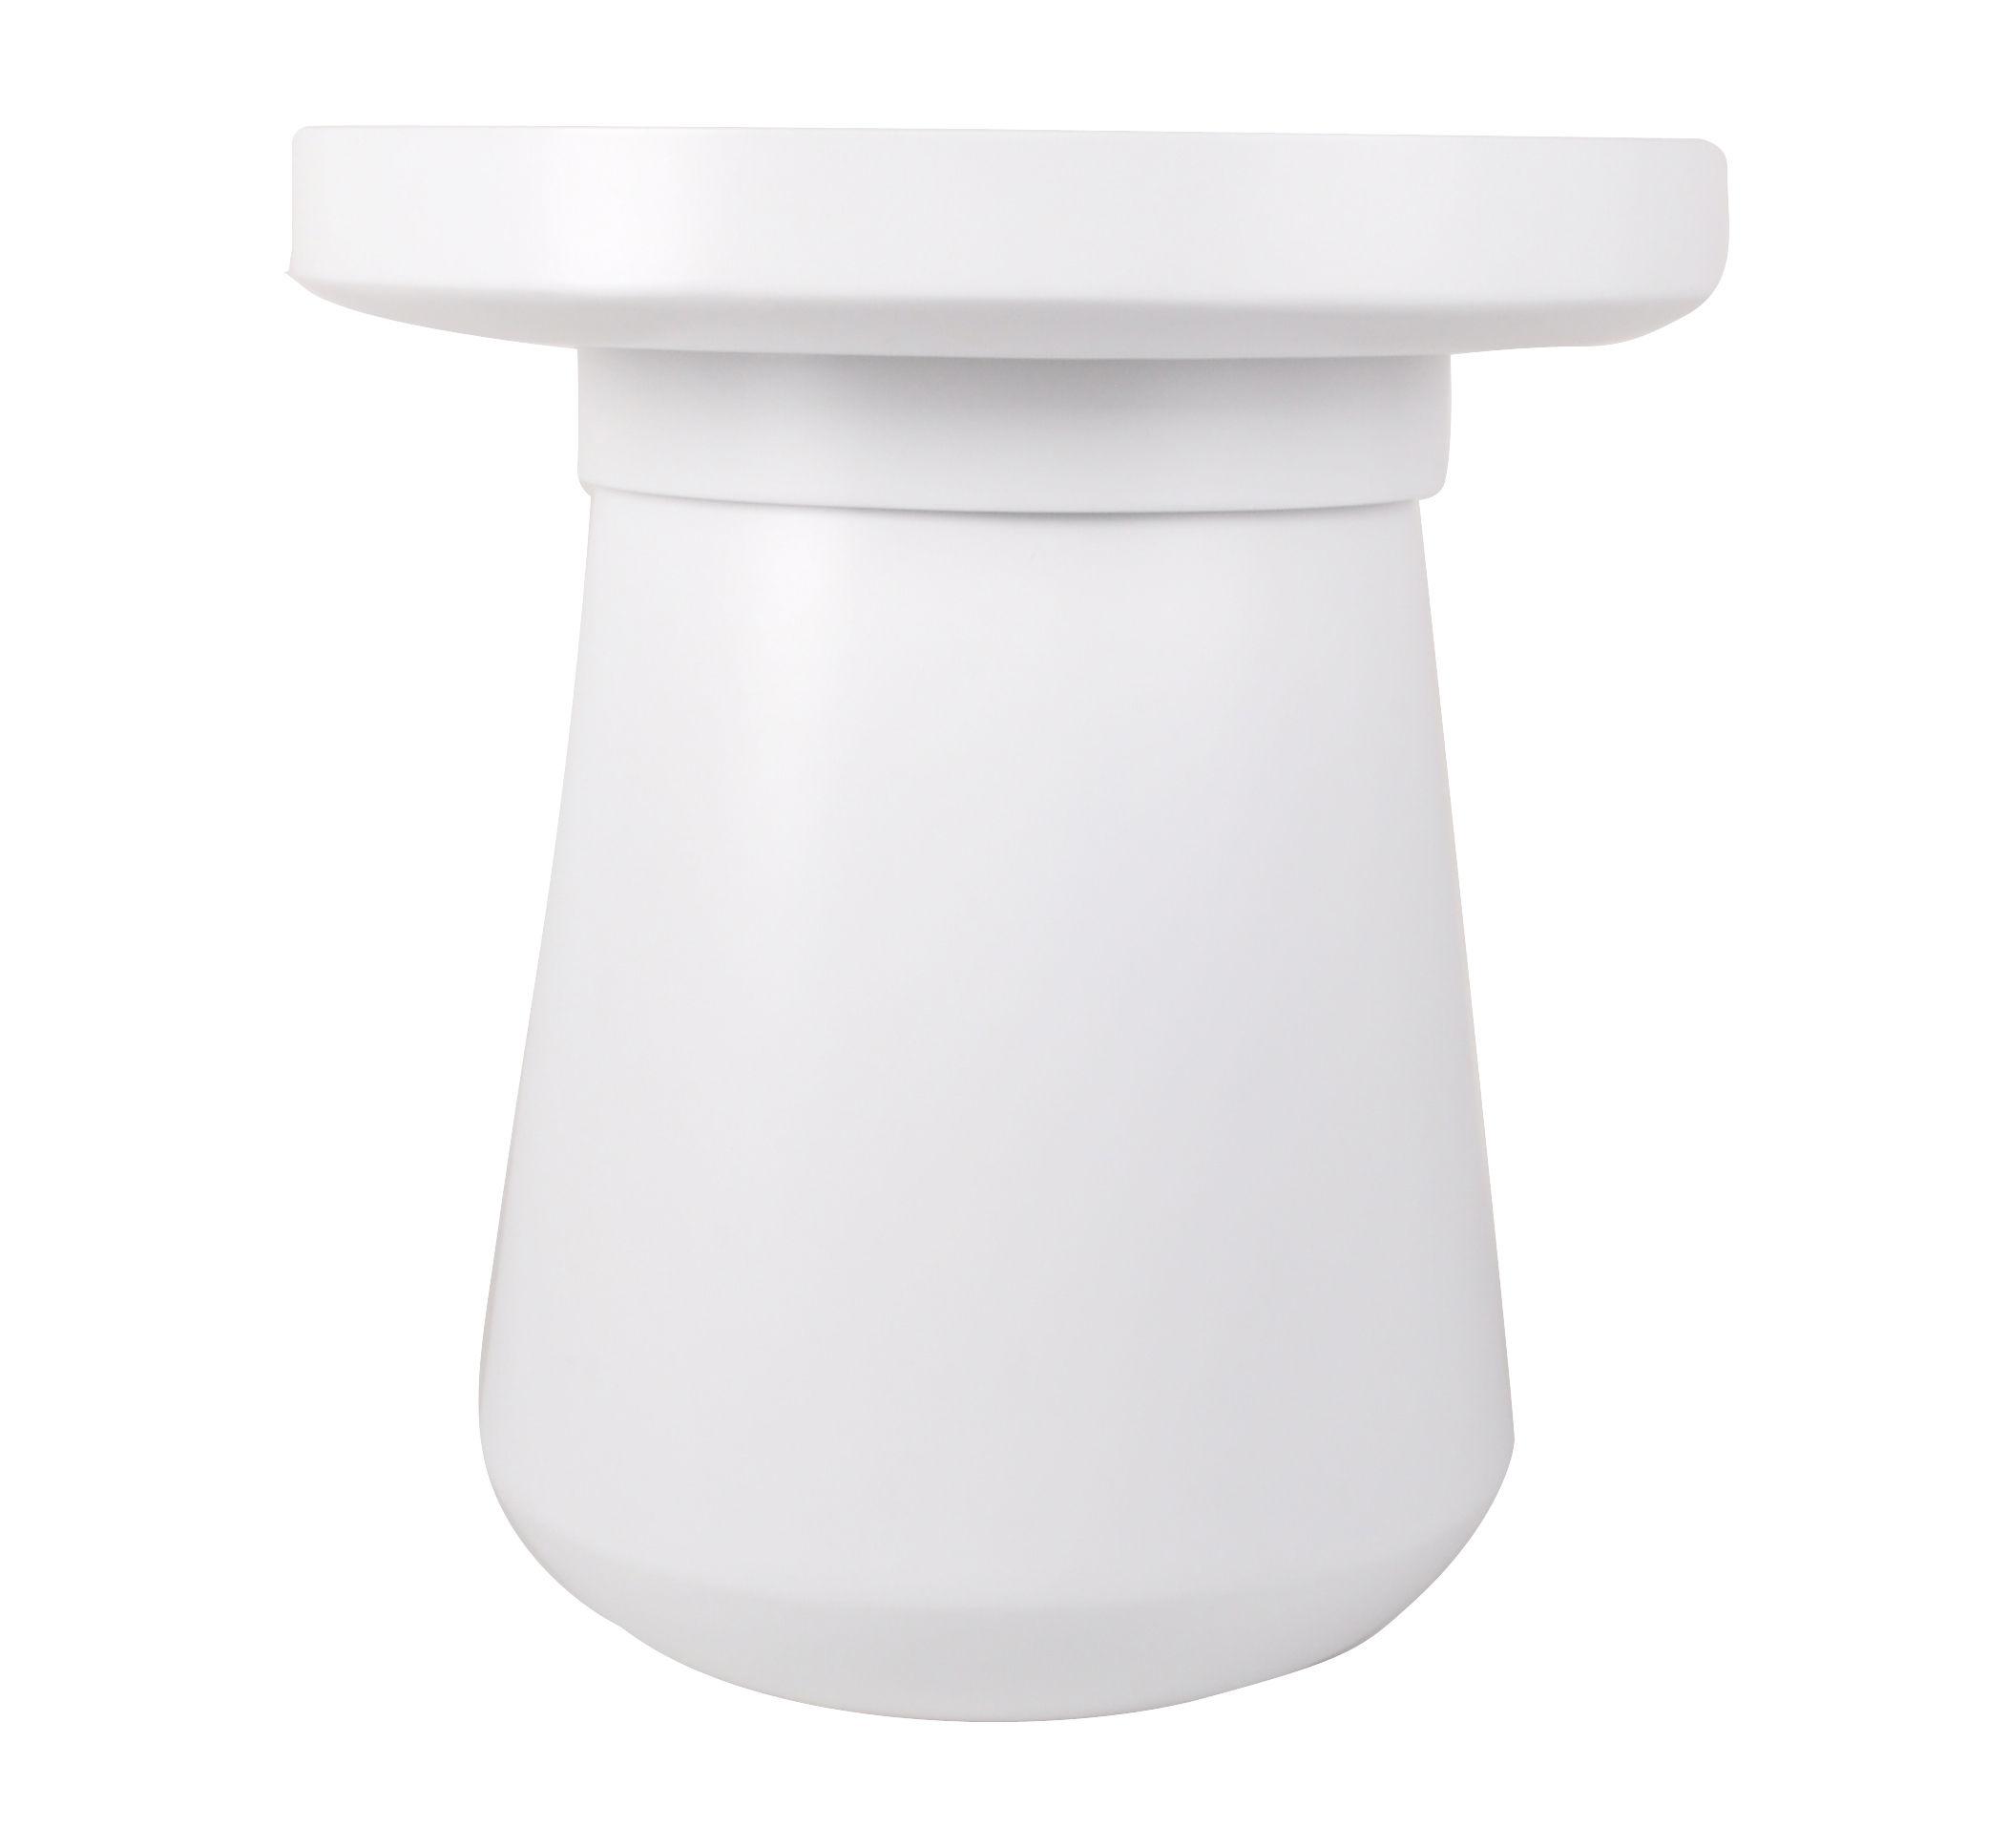 Arredamento - Tavolini  - Tavolino Pado / Contenitore - Ø 50 x H 54 cm - Piano rimovibile - XL Boom - Bianco - Bambou peint, MDF tinto